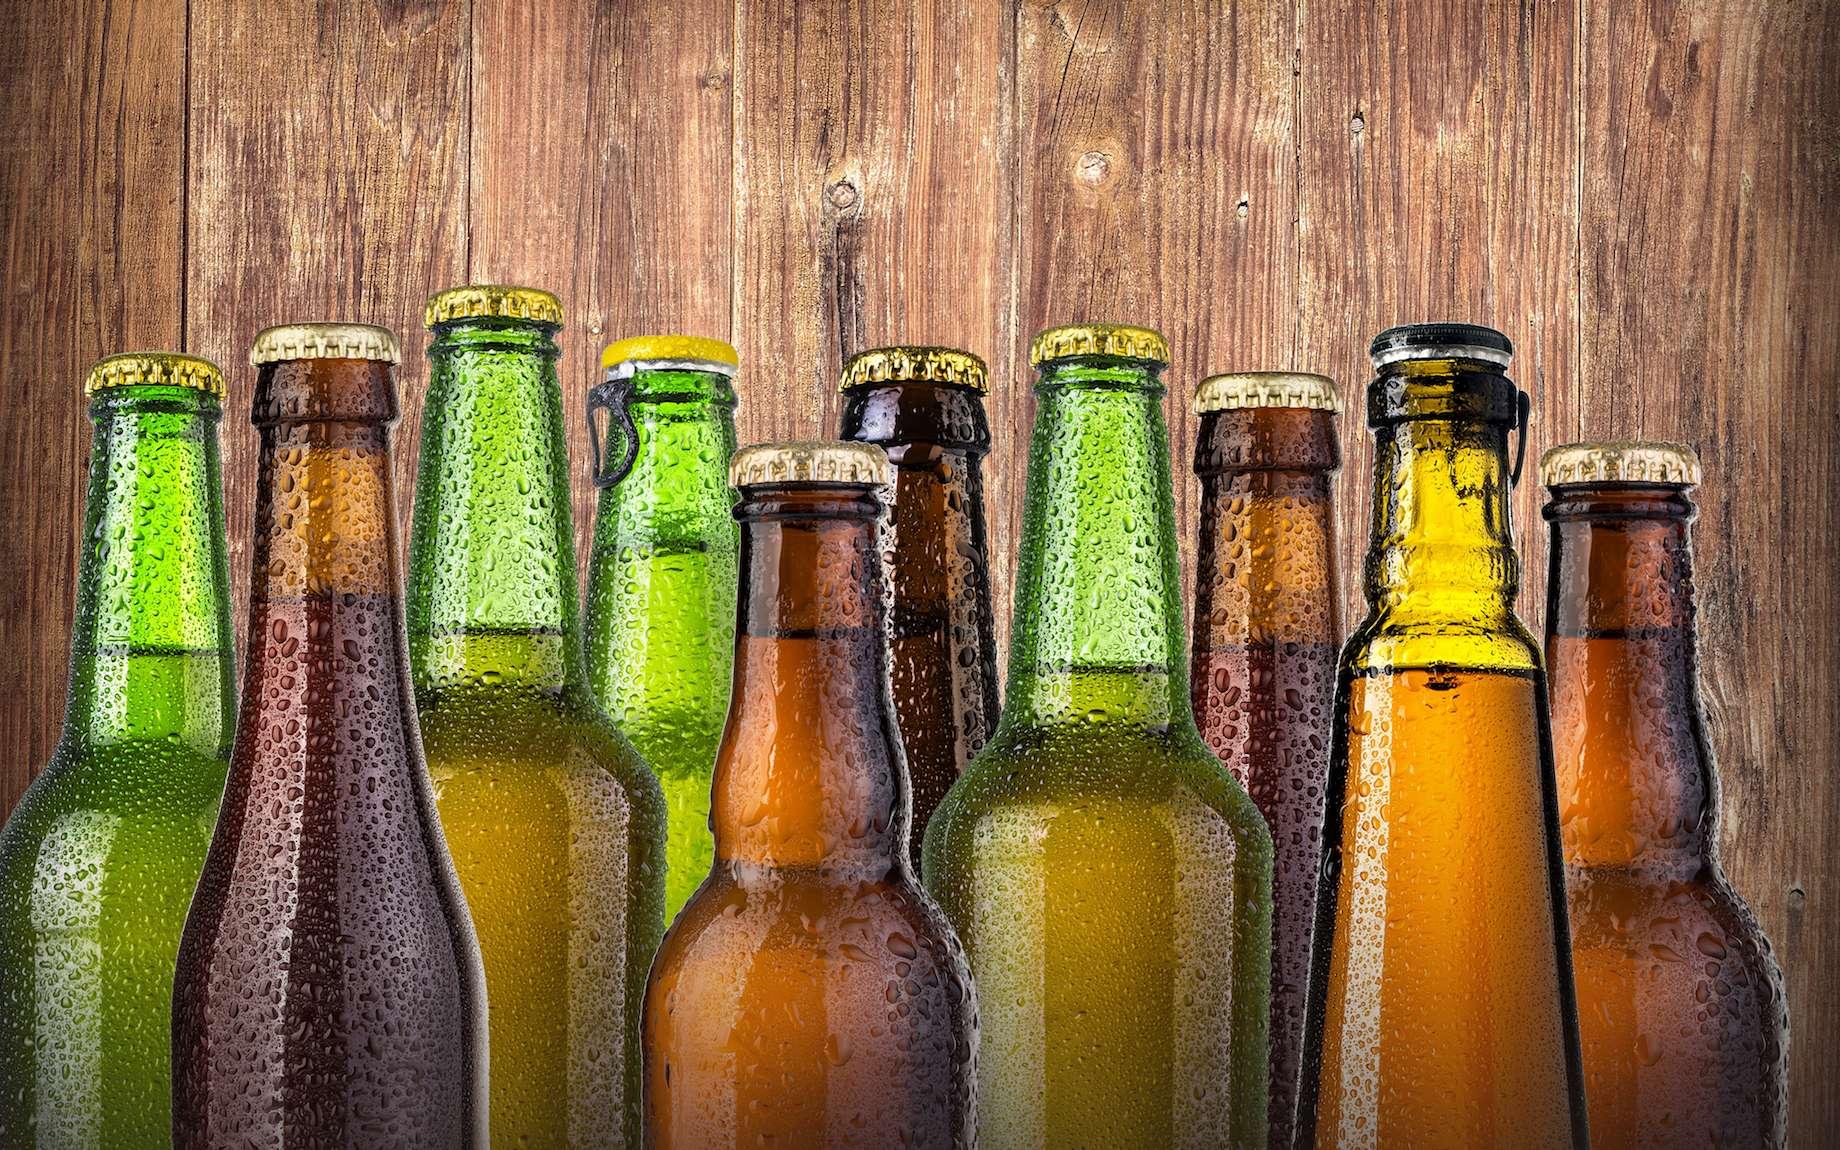 Pourquoi les bouteilles de bière ont-elles différentes couleurs ? © AlenKadr, fotolia